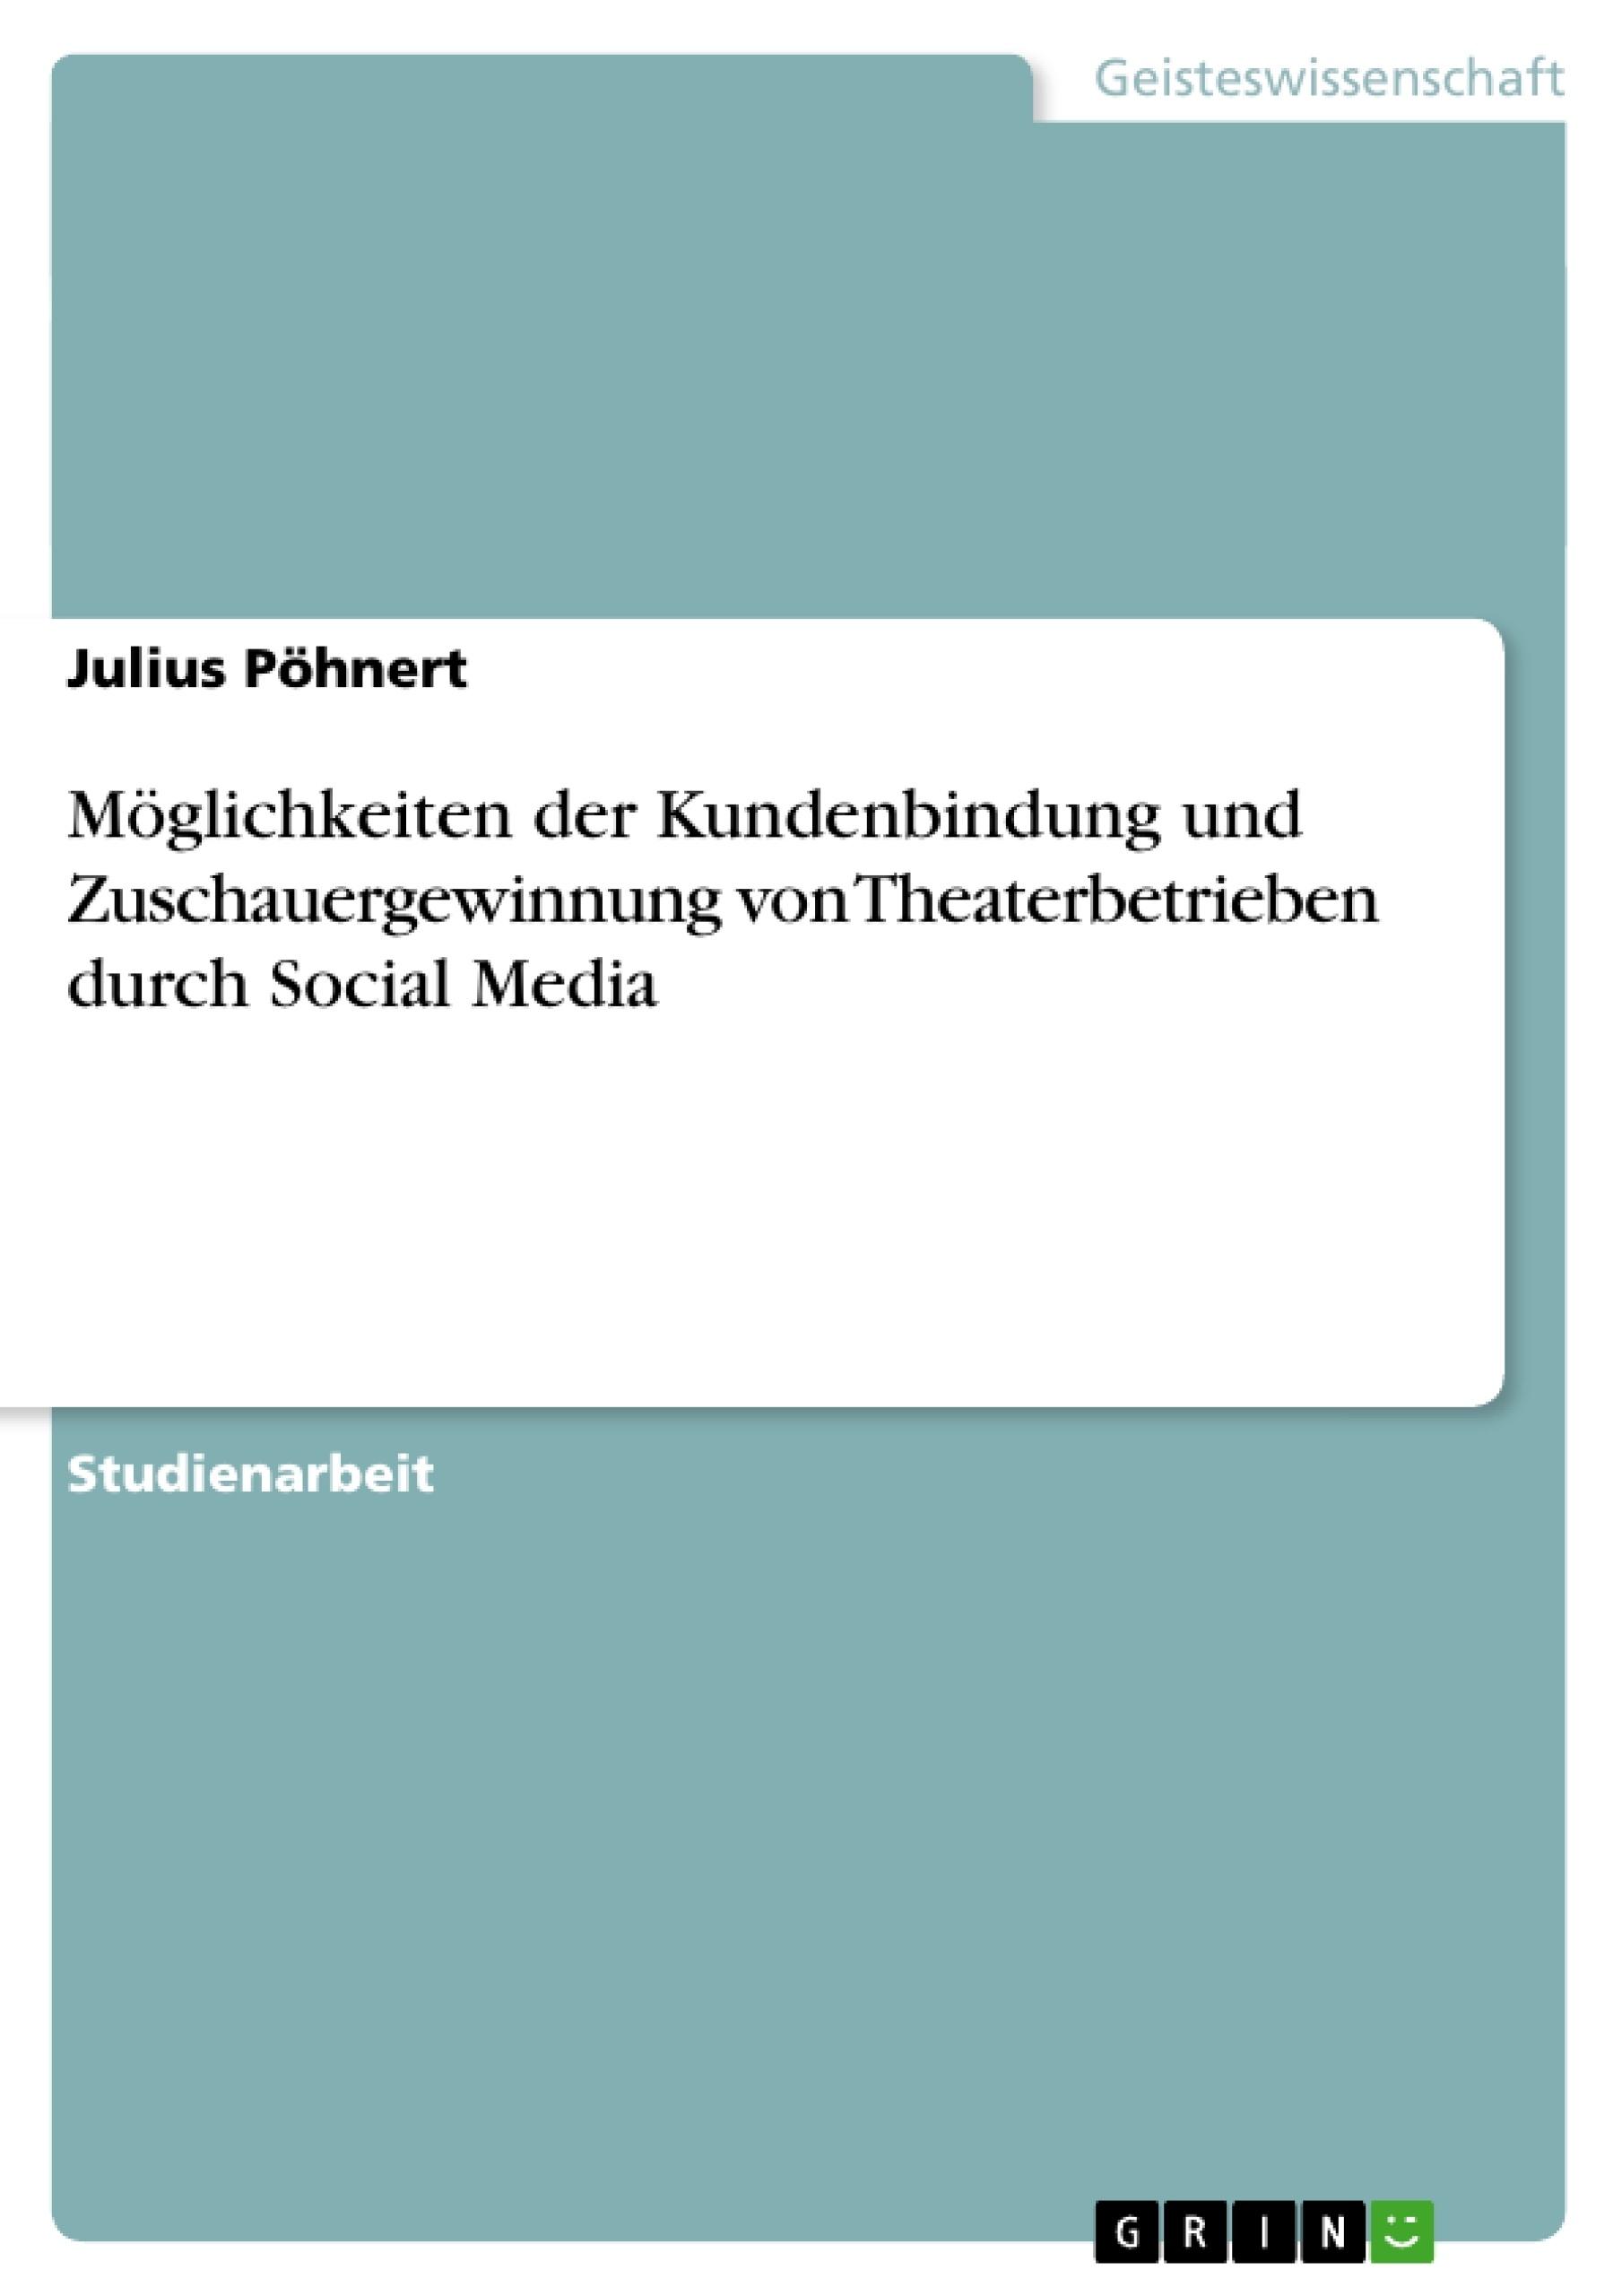 Titel: Möglichkeiten der Kundenbindung und Zuschauergewinnung von Theaterbetrieben durch Social Media